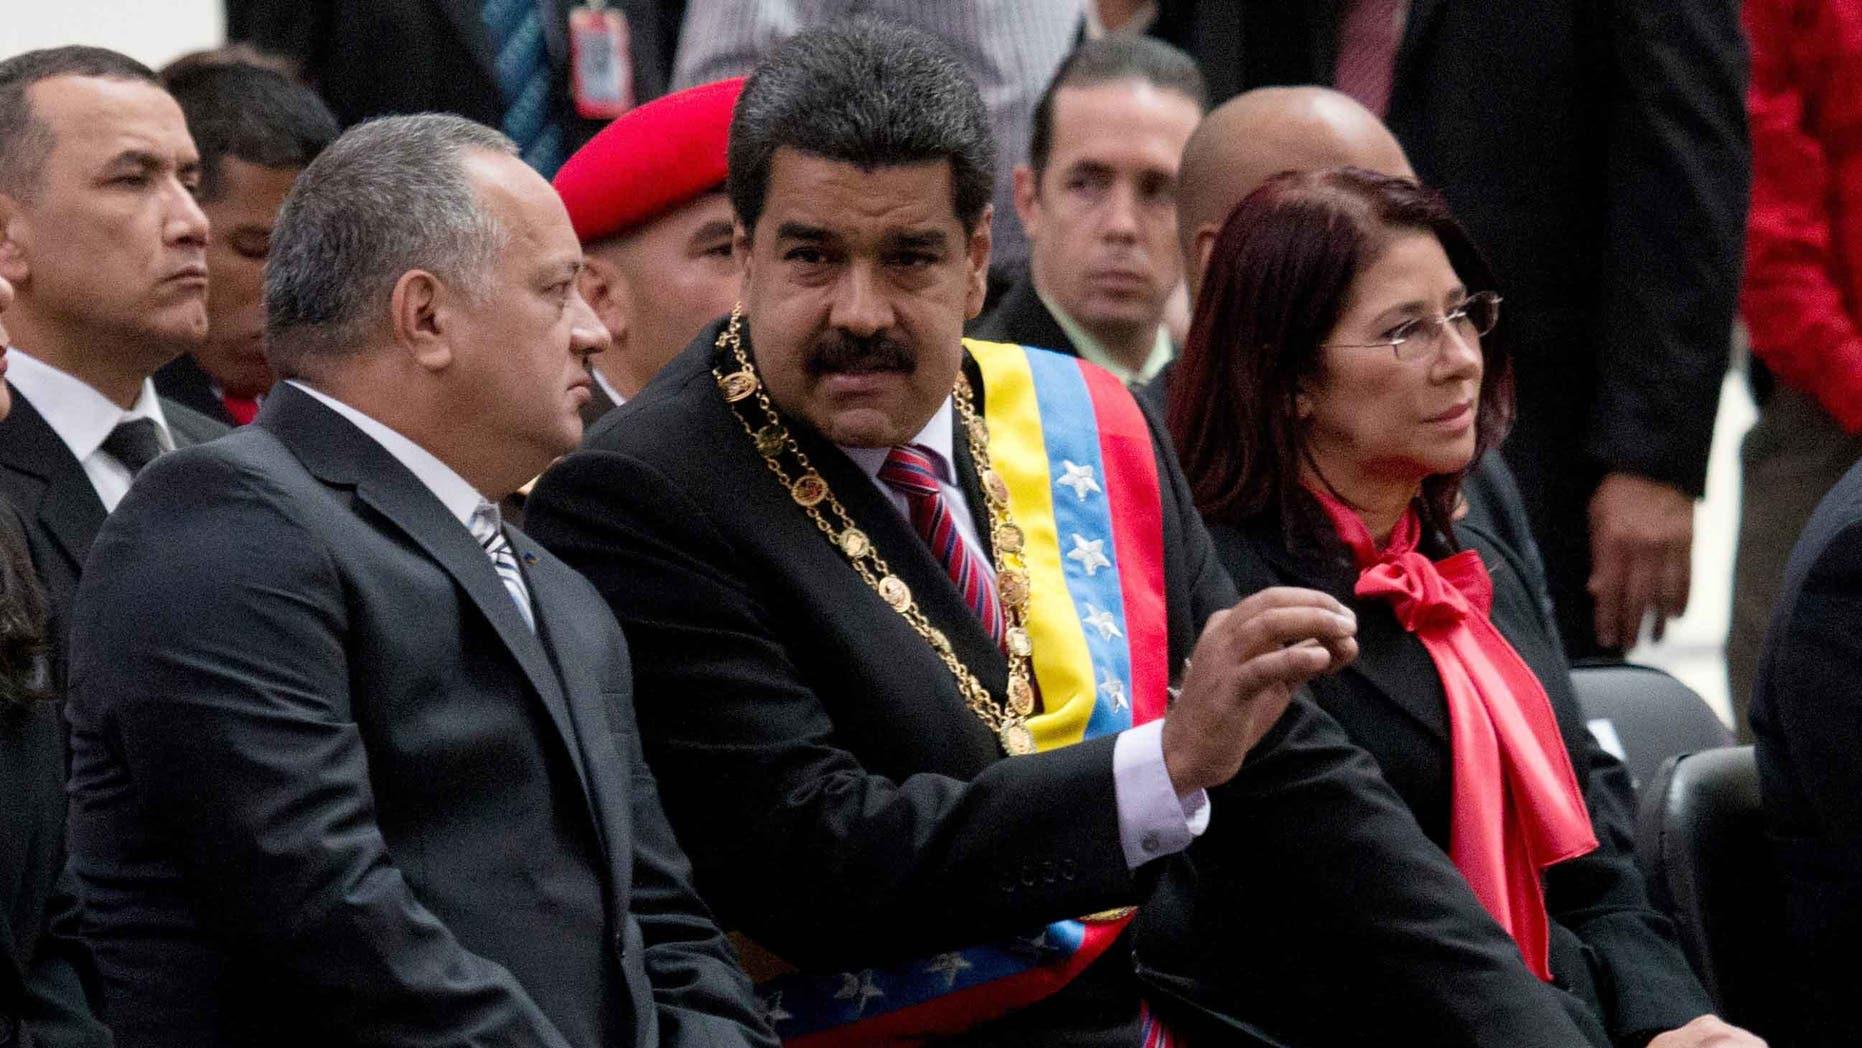 El presidente venezolano Nicolás Maduro, al centro, habla con Diosdado Cabello, presidente de la Asamblea Nacional, izquierda, durante una ceremonia para conmemorar el 185to aniversario de la muerte del héroe independentista Simón Bolivar en Caracas, Venezuela, el jueves 17 de diciembre de 2015. La mujer a la derecha es la primera dama Cilia Flores. (Foto AP/Fernando Llano)